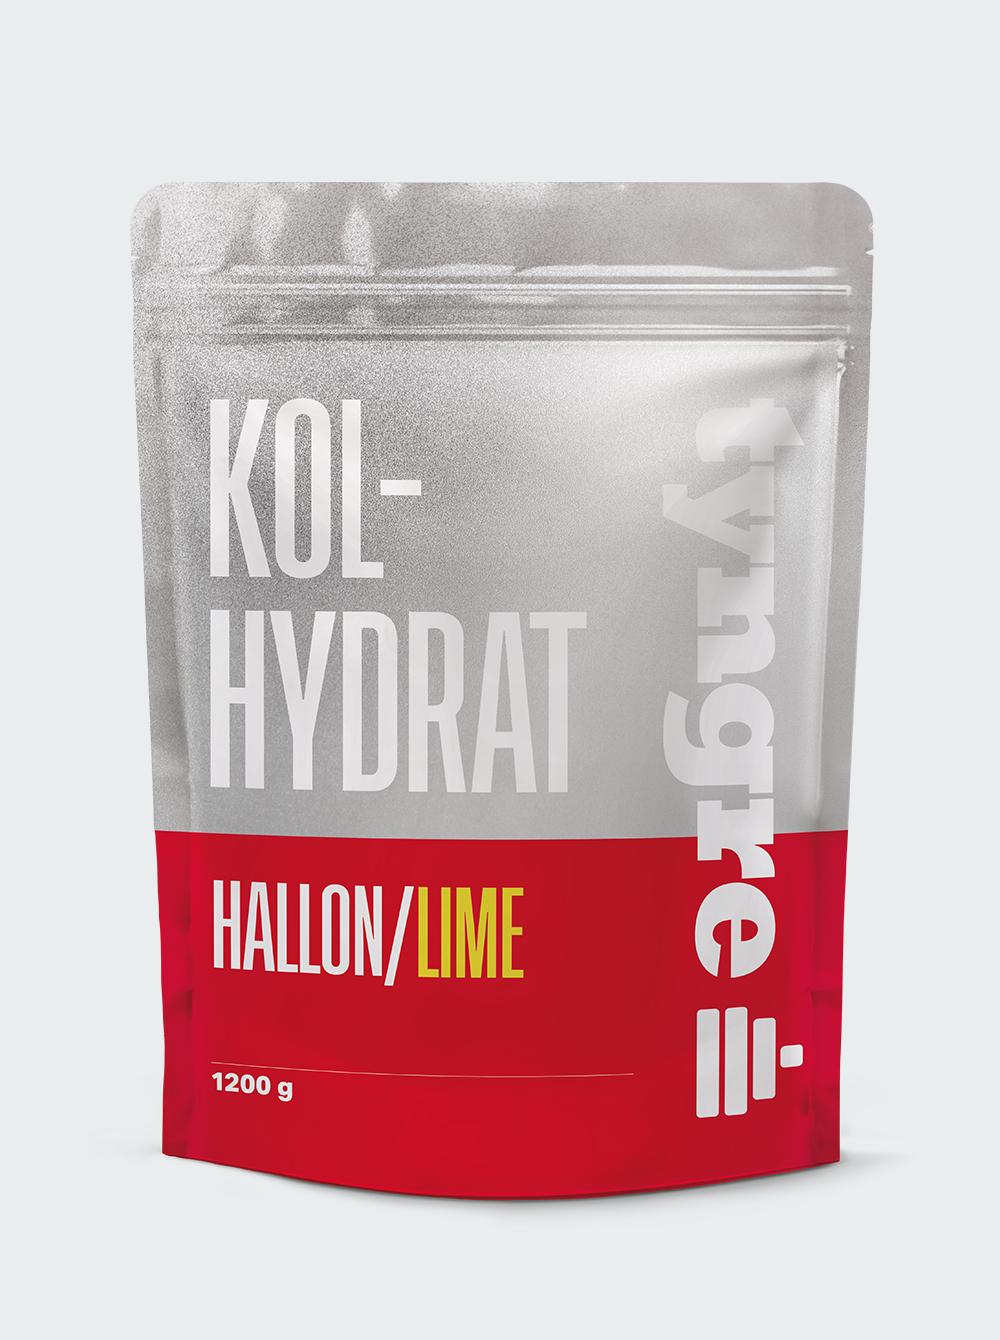 Kolhydrat Hallon/Lime 1200 g